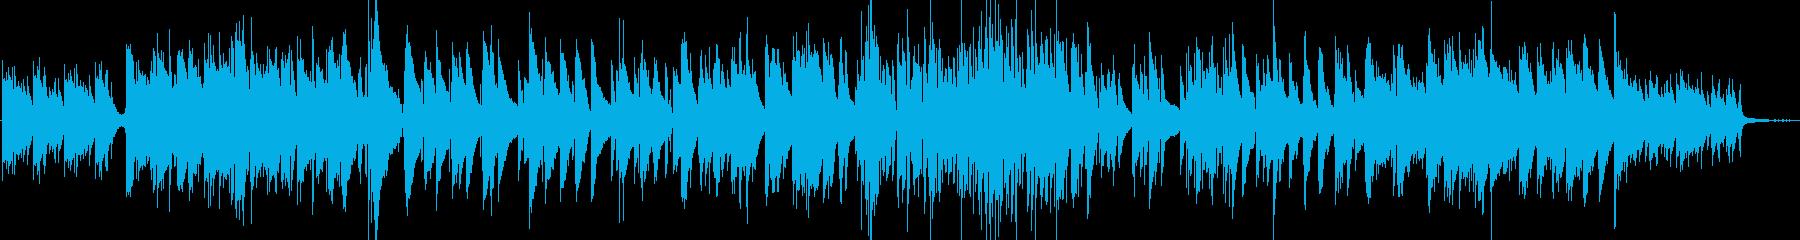 キラキラした印象のピアノトリオの再生済みの波形